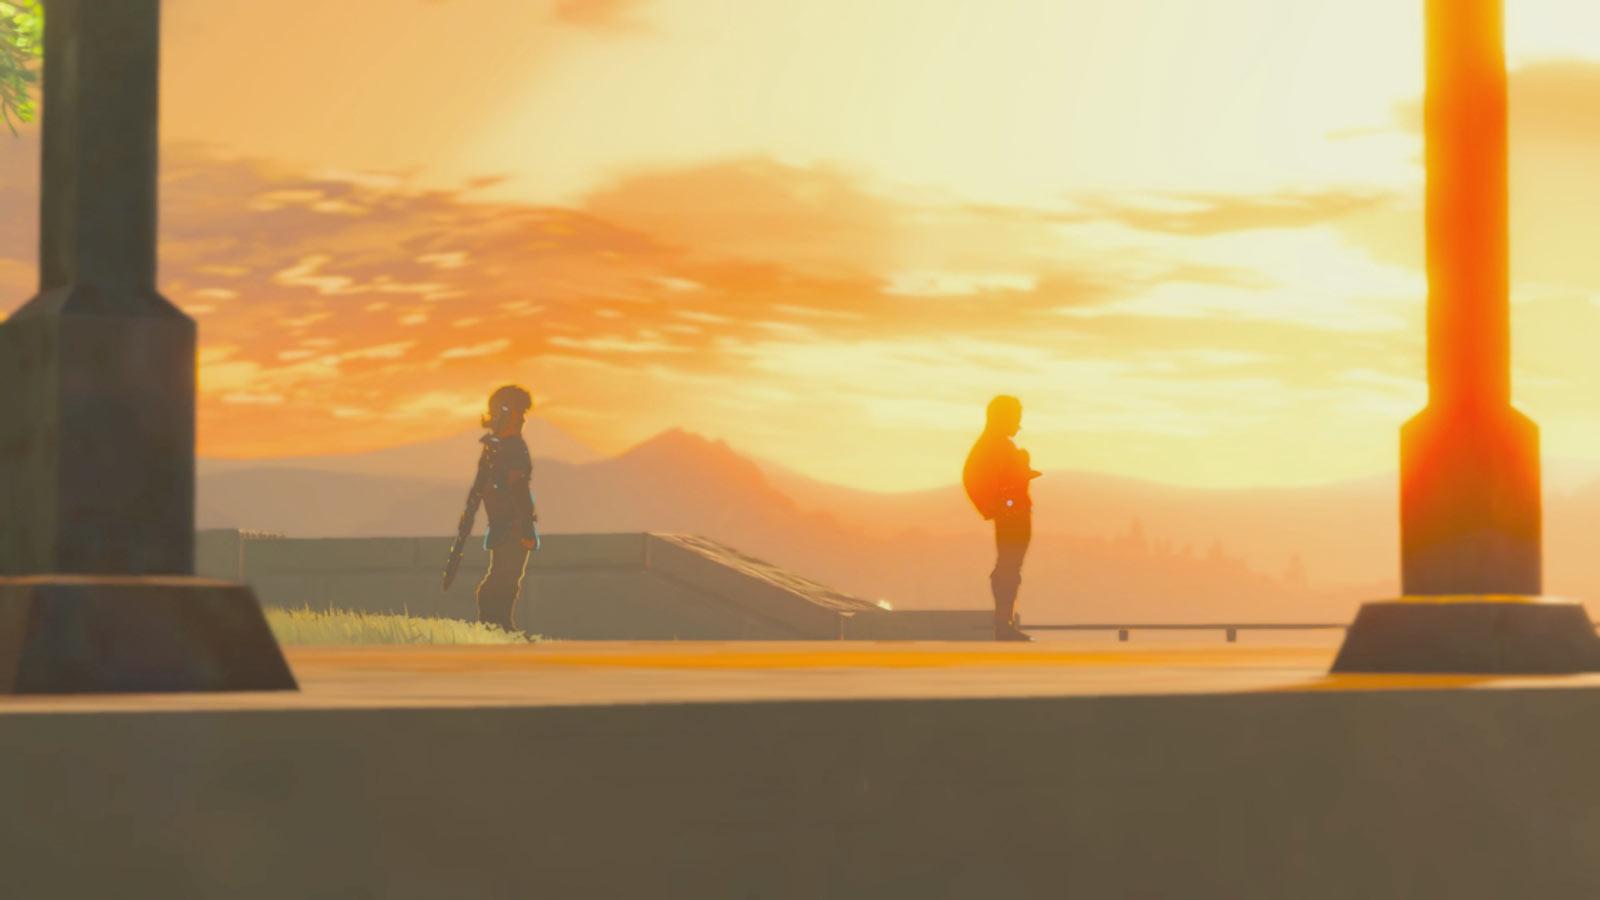 L'une des cinématiques que propose Breath of the Wild. Étrange silhouette, n'est-ce pas?